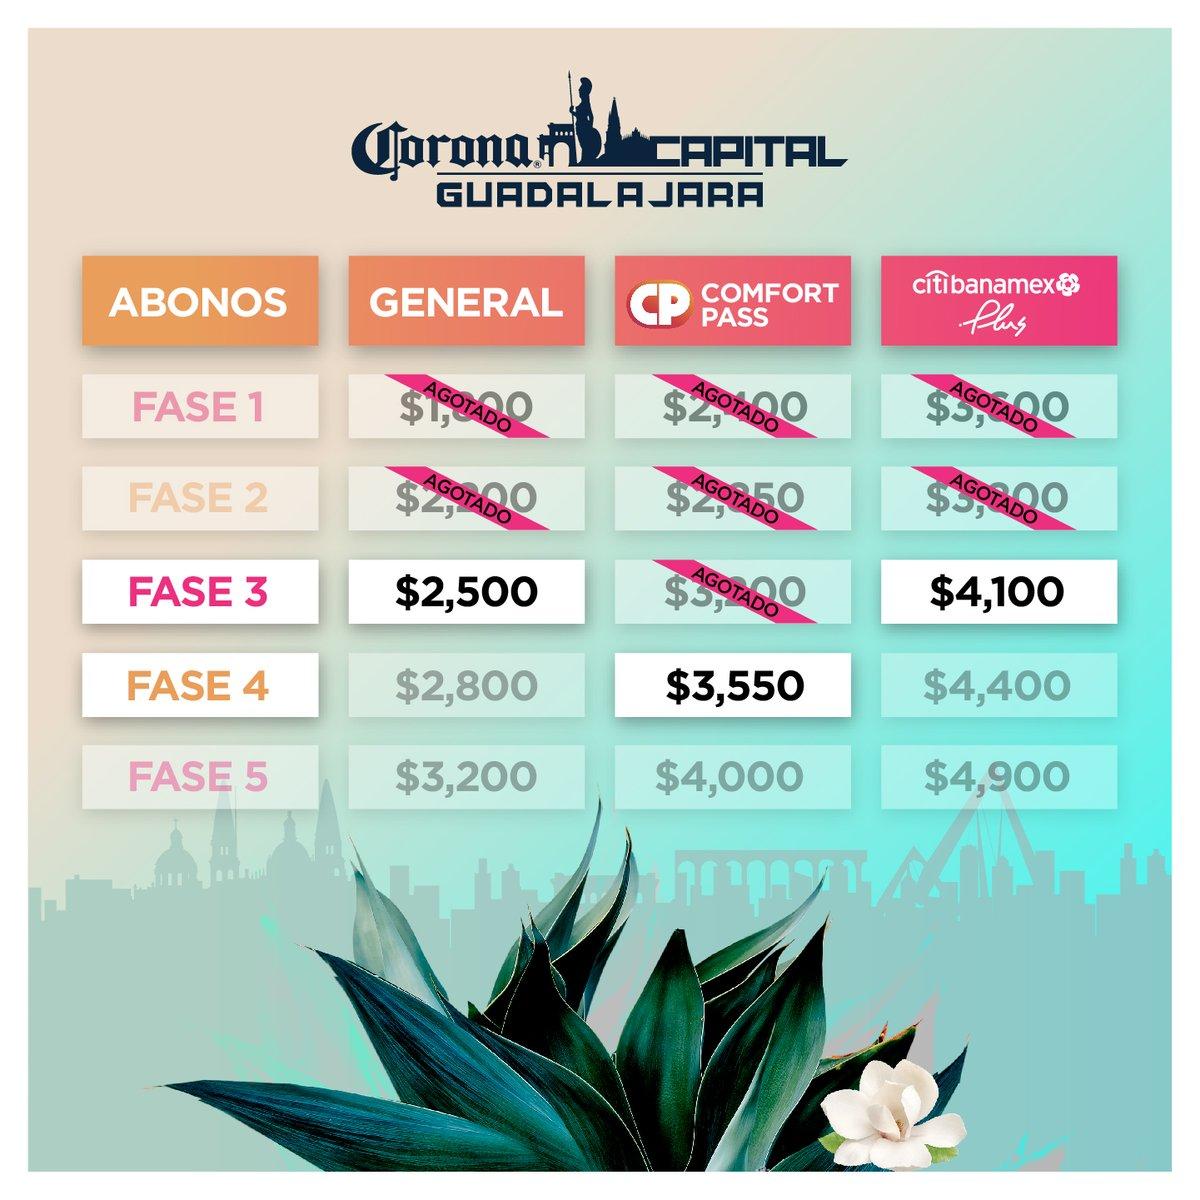 corona capital 2020 boletos